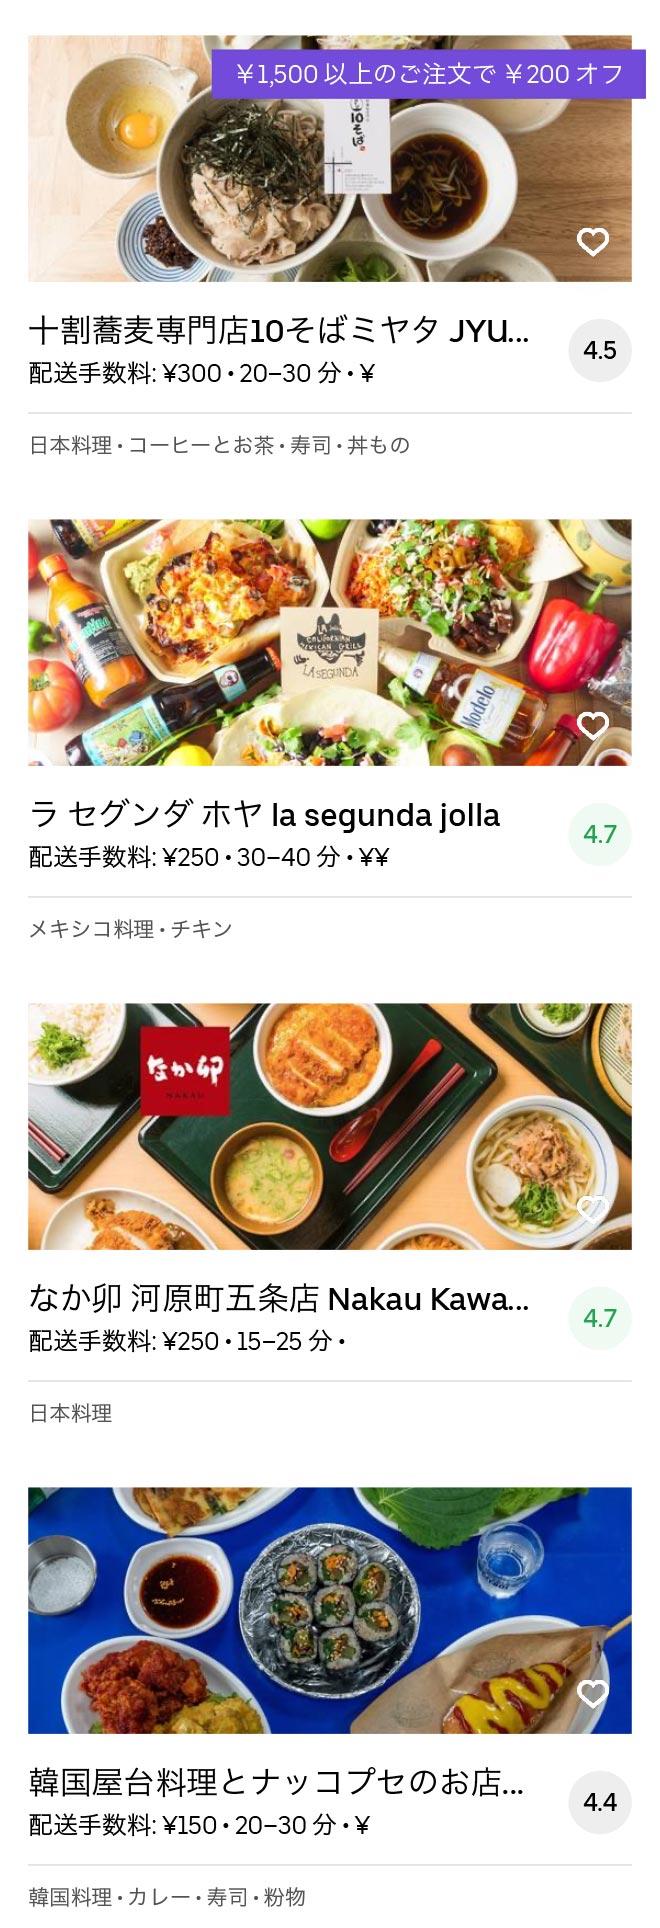 Kyoto fushimiinari menu 2005 09